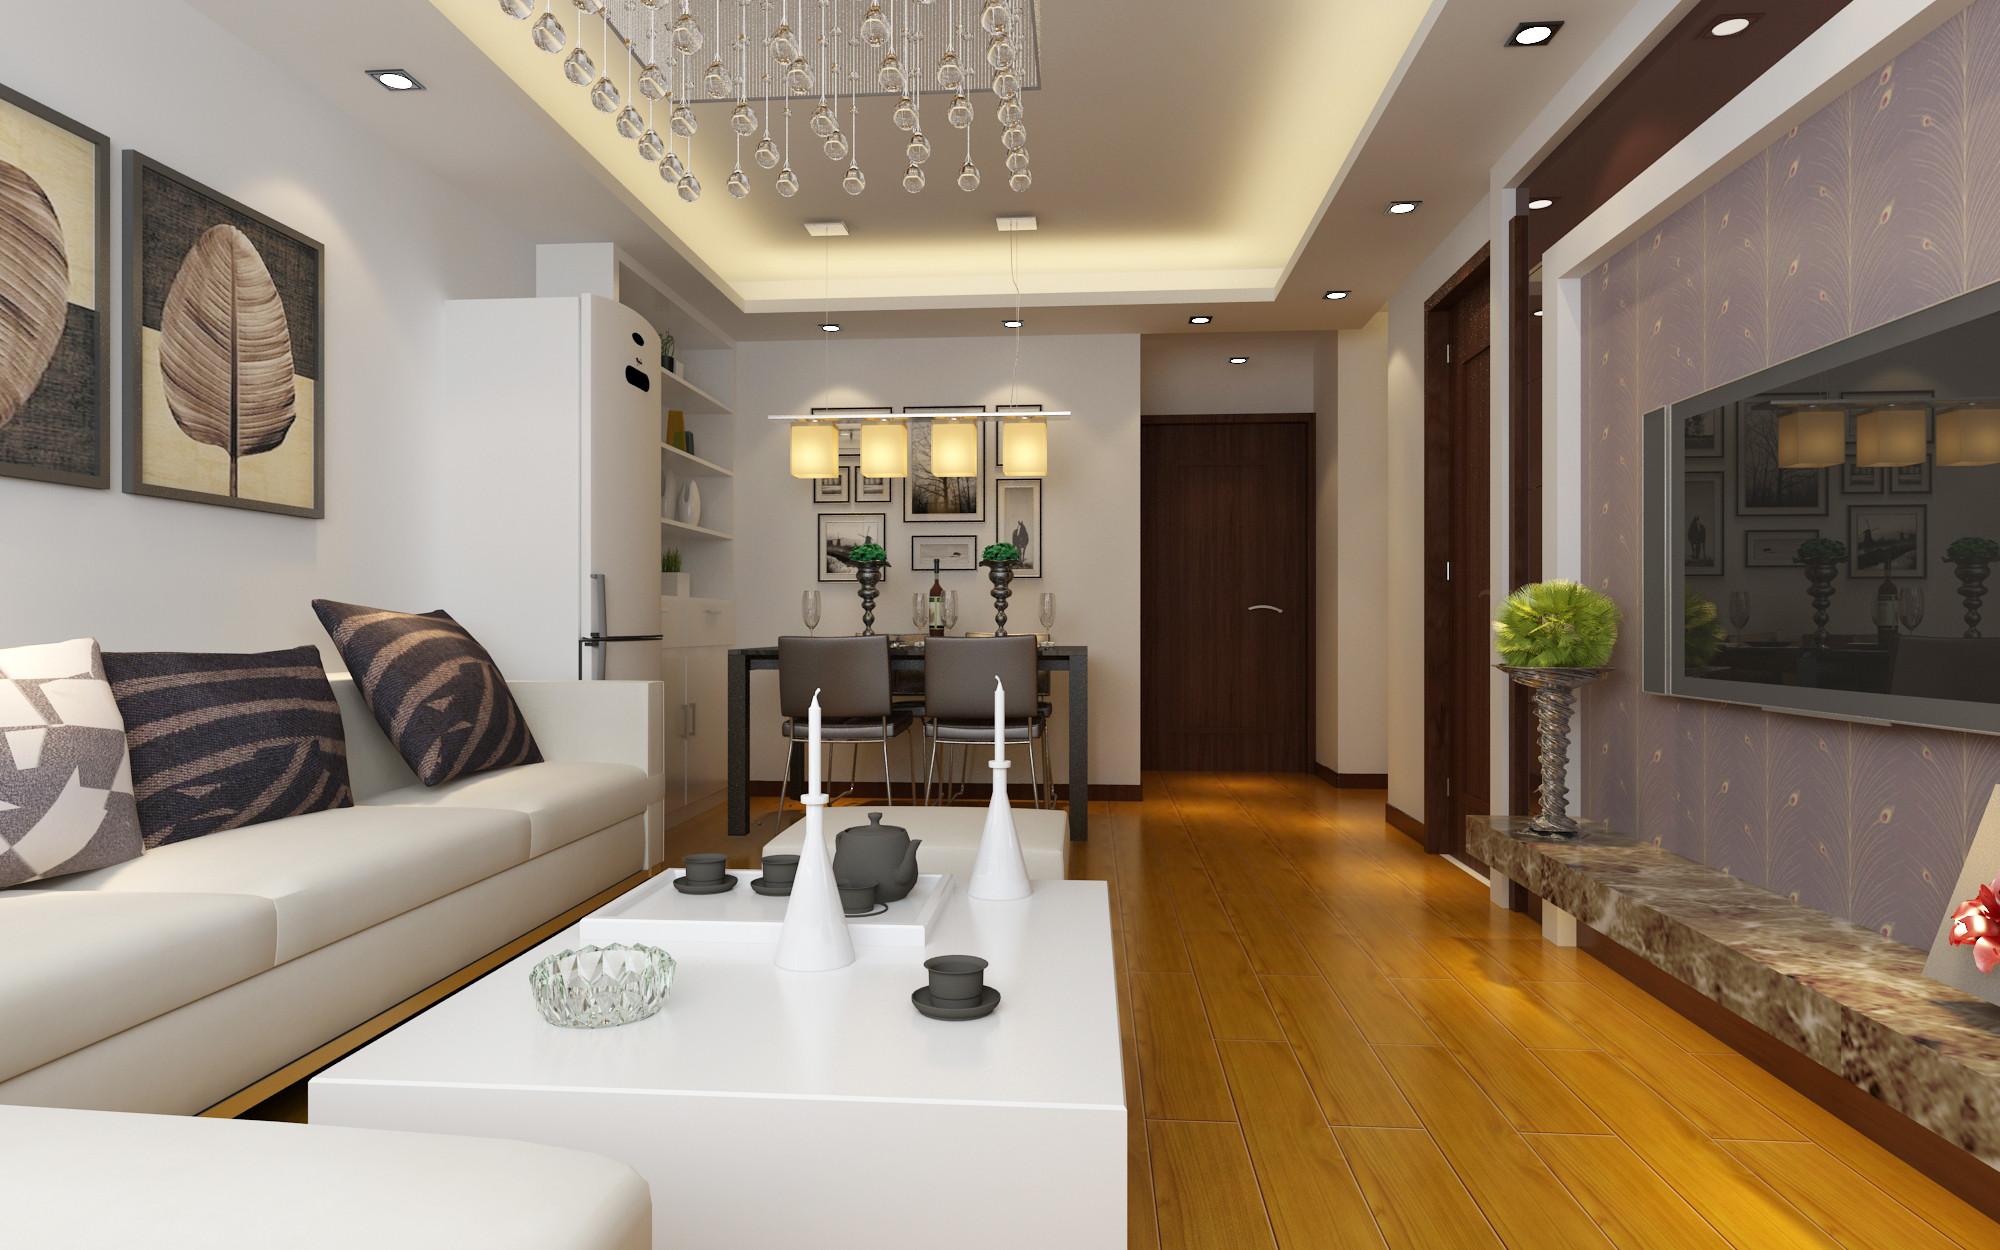 简约 二居 餐厅图片来自实创装饰上海公司在简约风格-两居室的分享